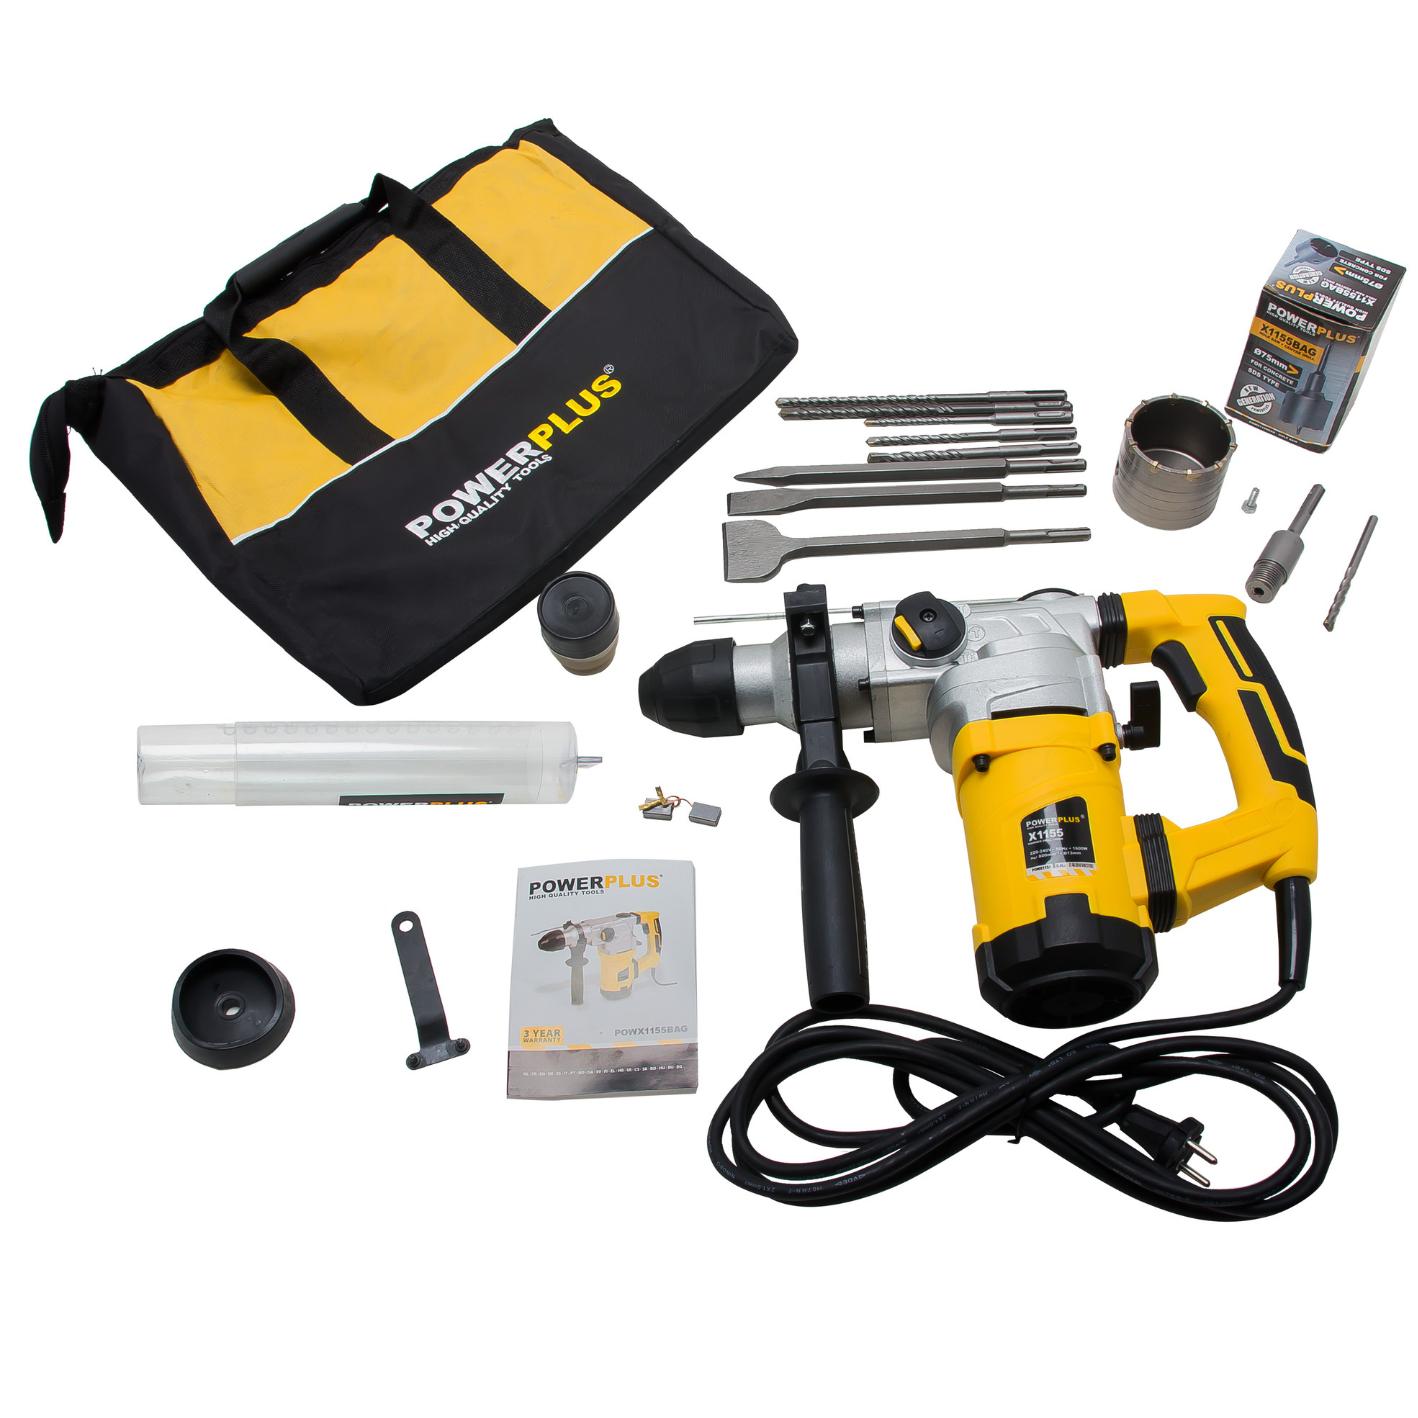 SDS-Plus-Bohrhammer 1600 W Stemmhammer Meißelhammer inkl. Zubehör + Bohrkrone + Tasche für 64,90 Euro